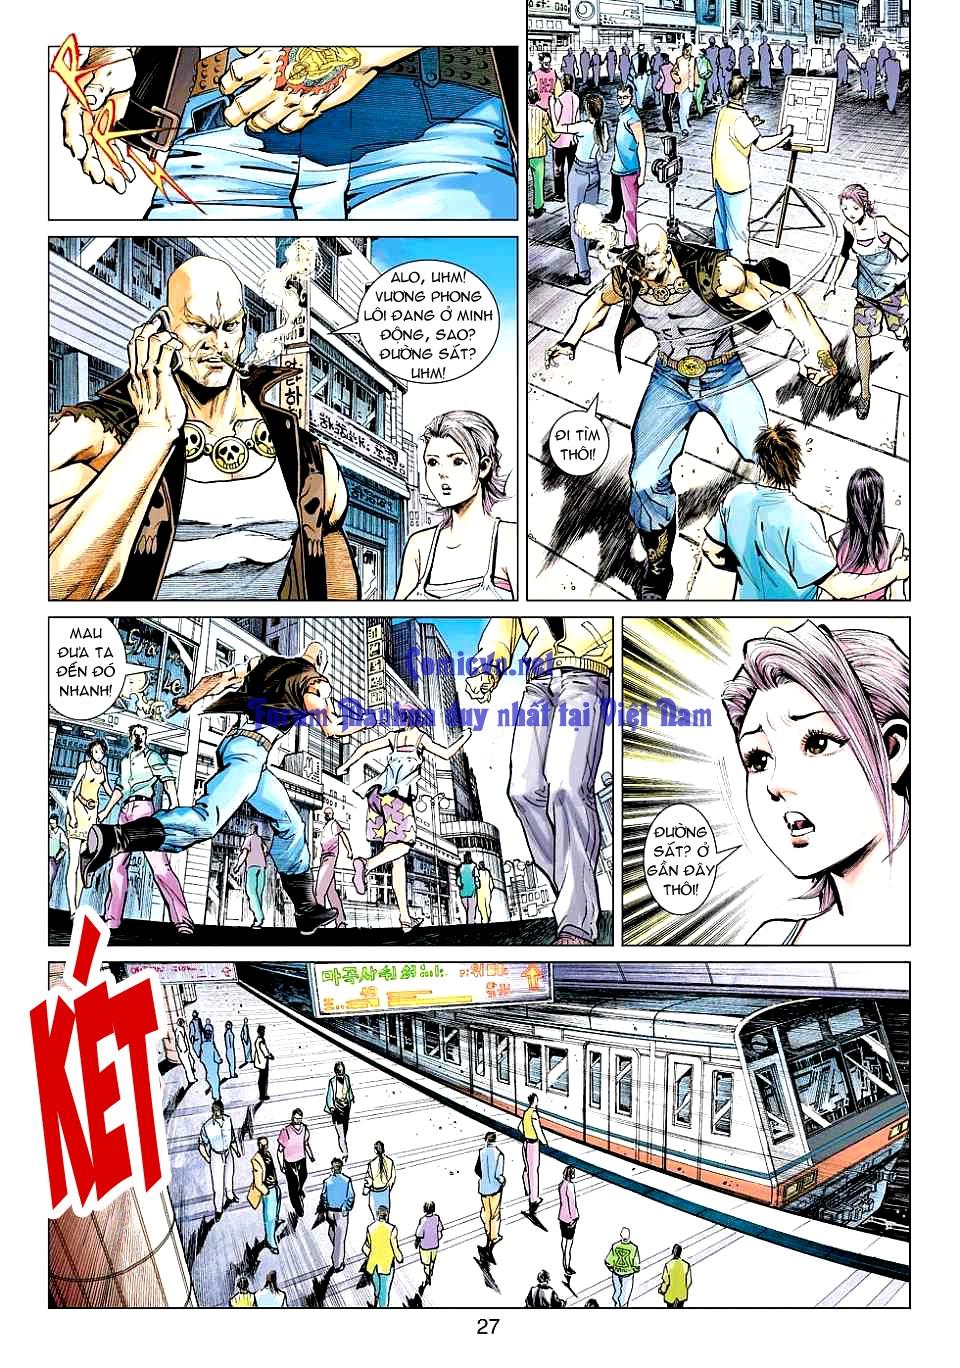 Vương Phong Lôi 1 chap 12 - Trang 26